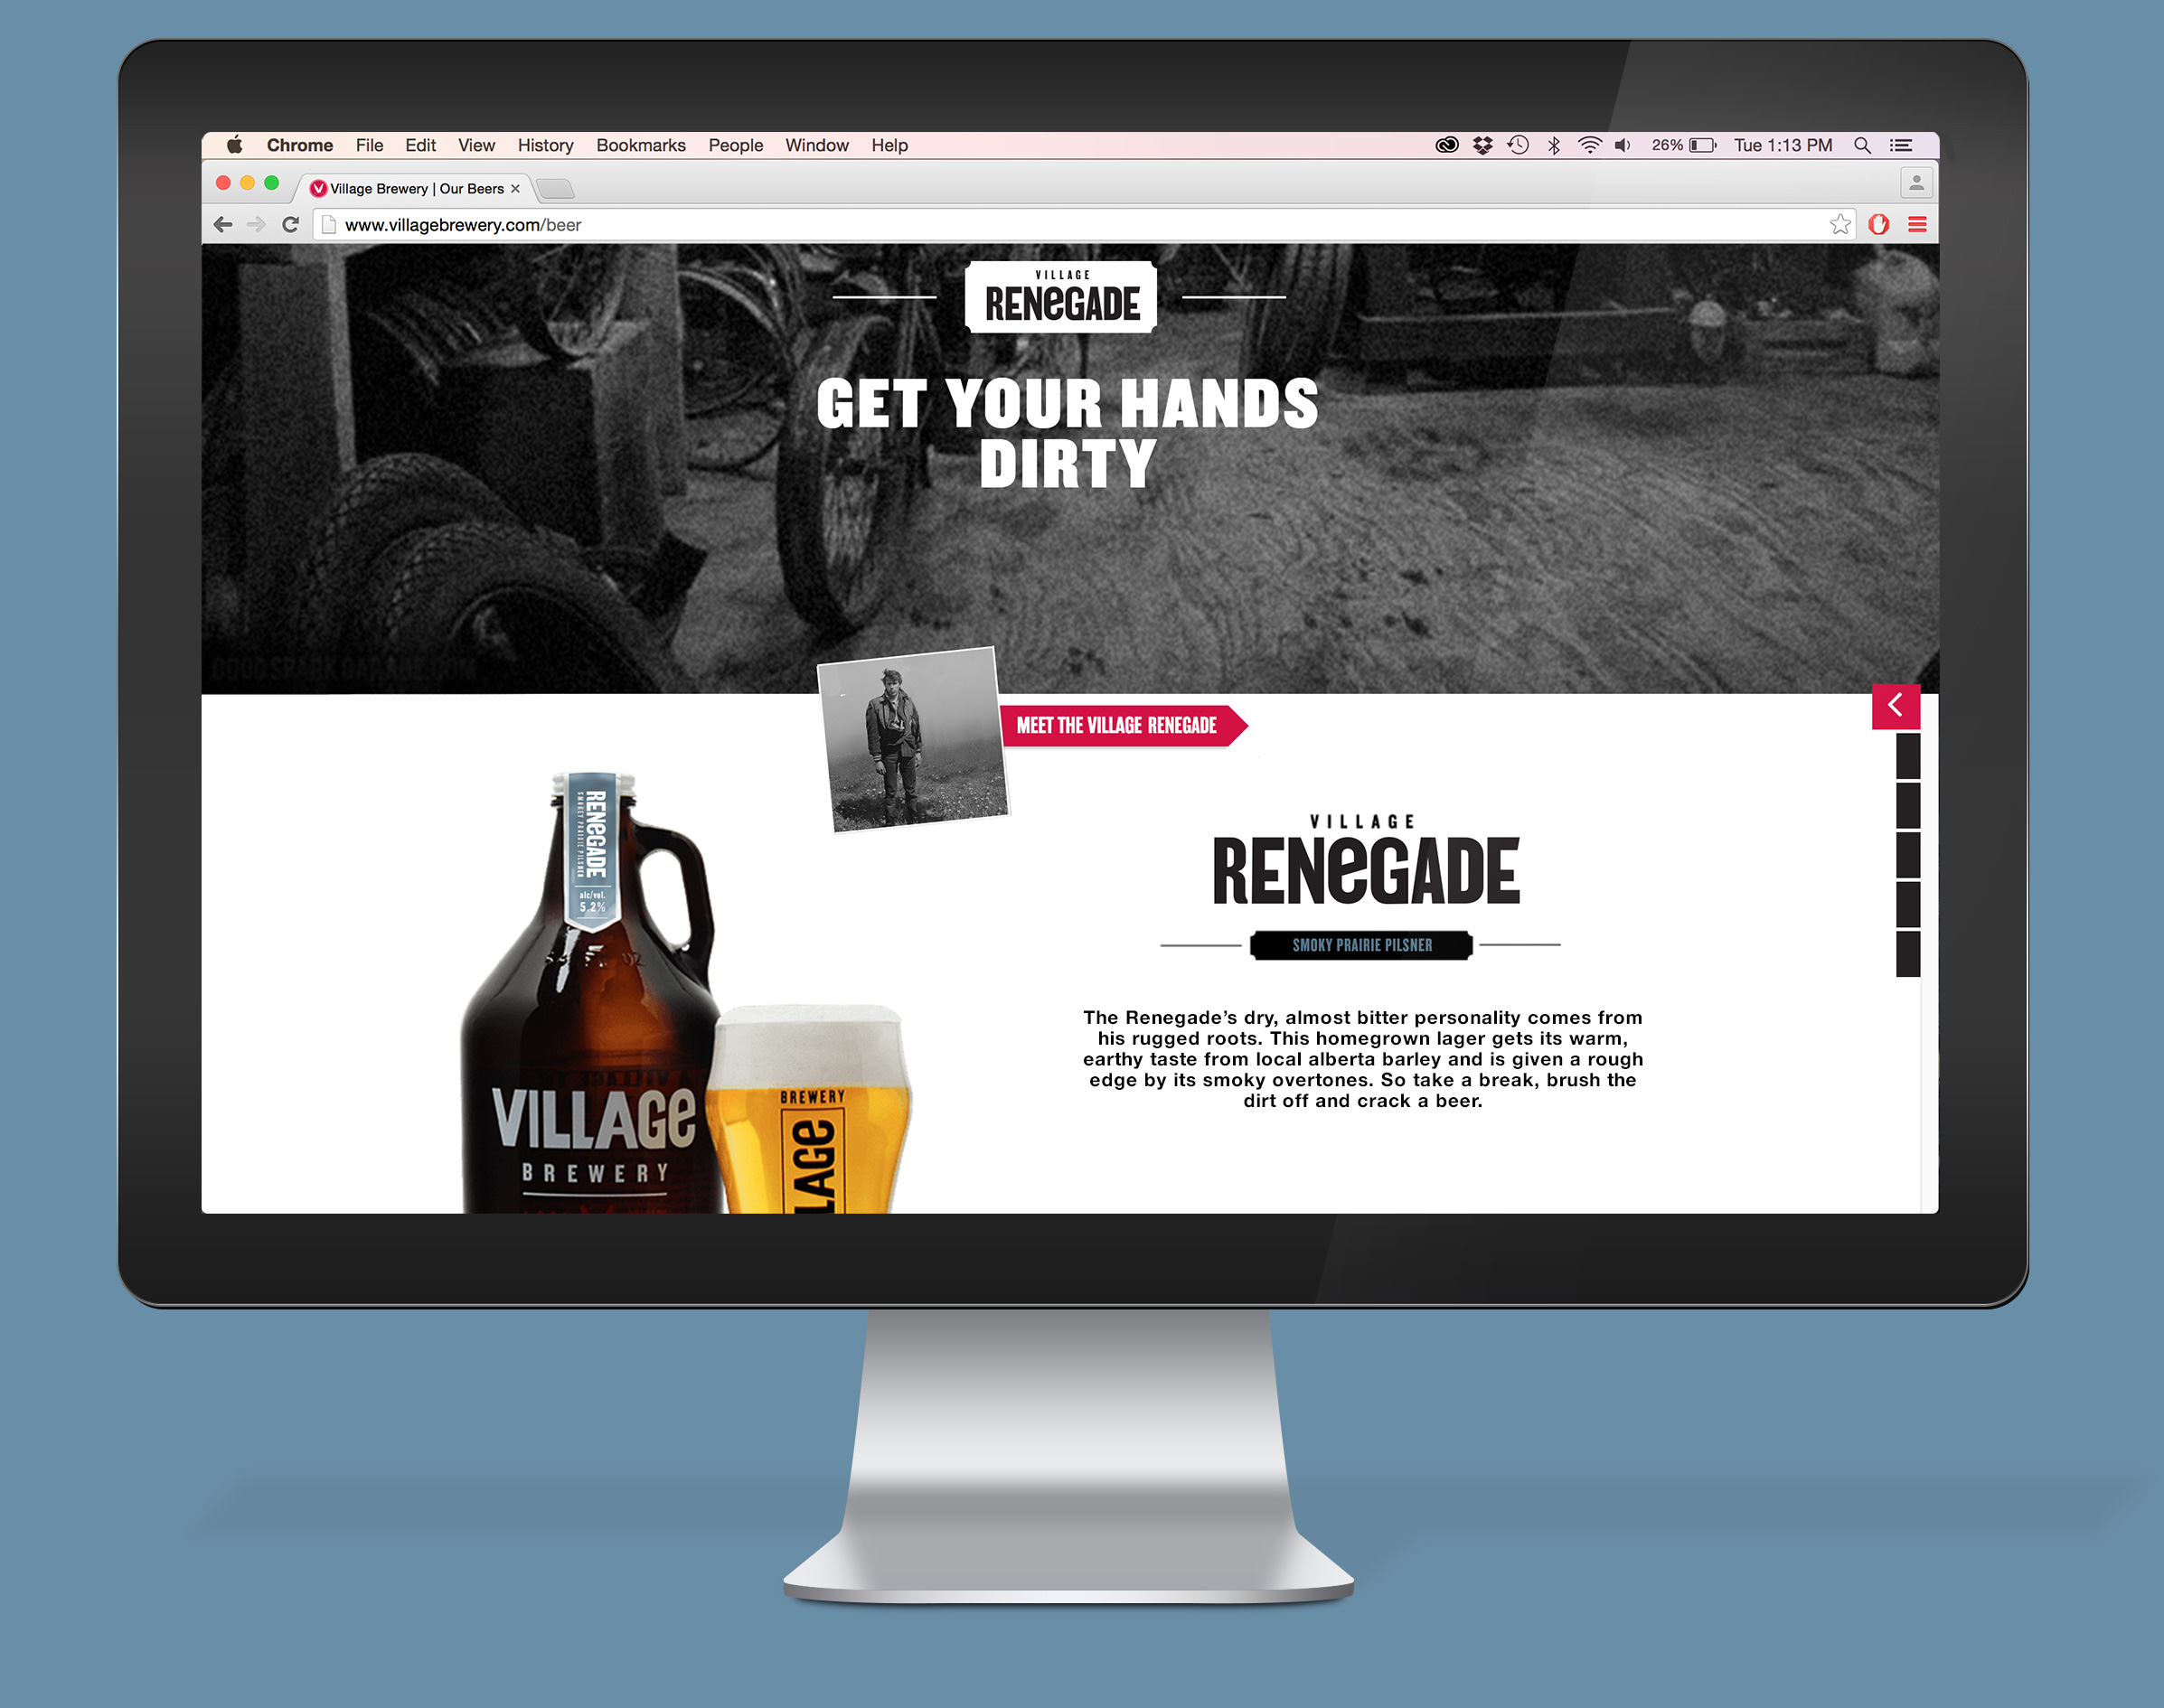 renegade website mockup.jpg